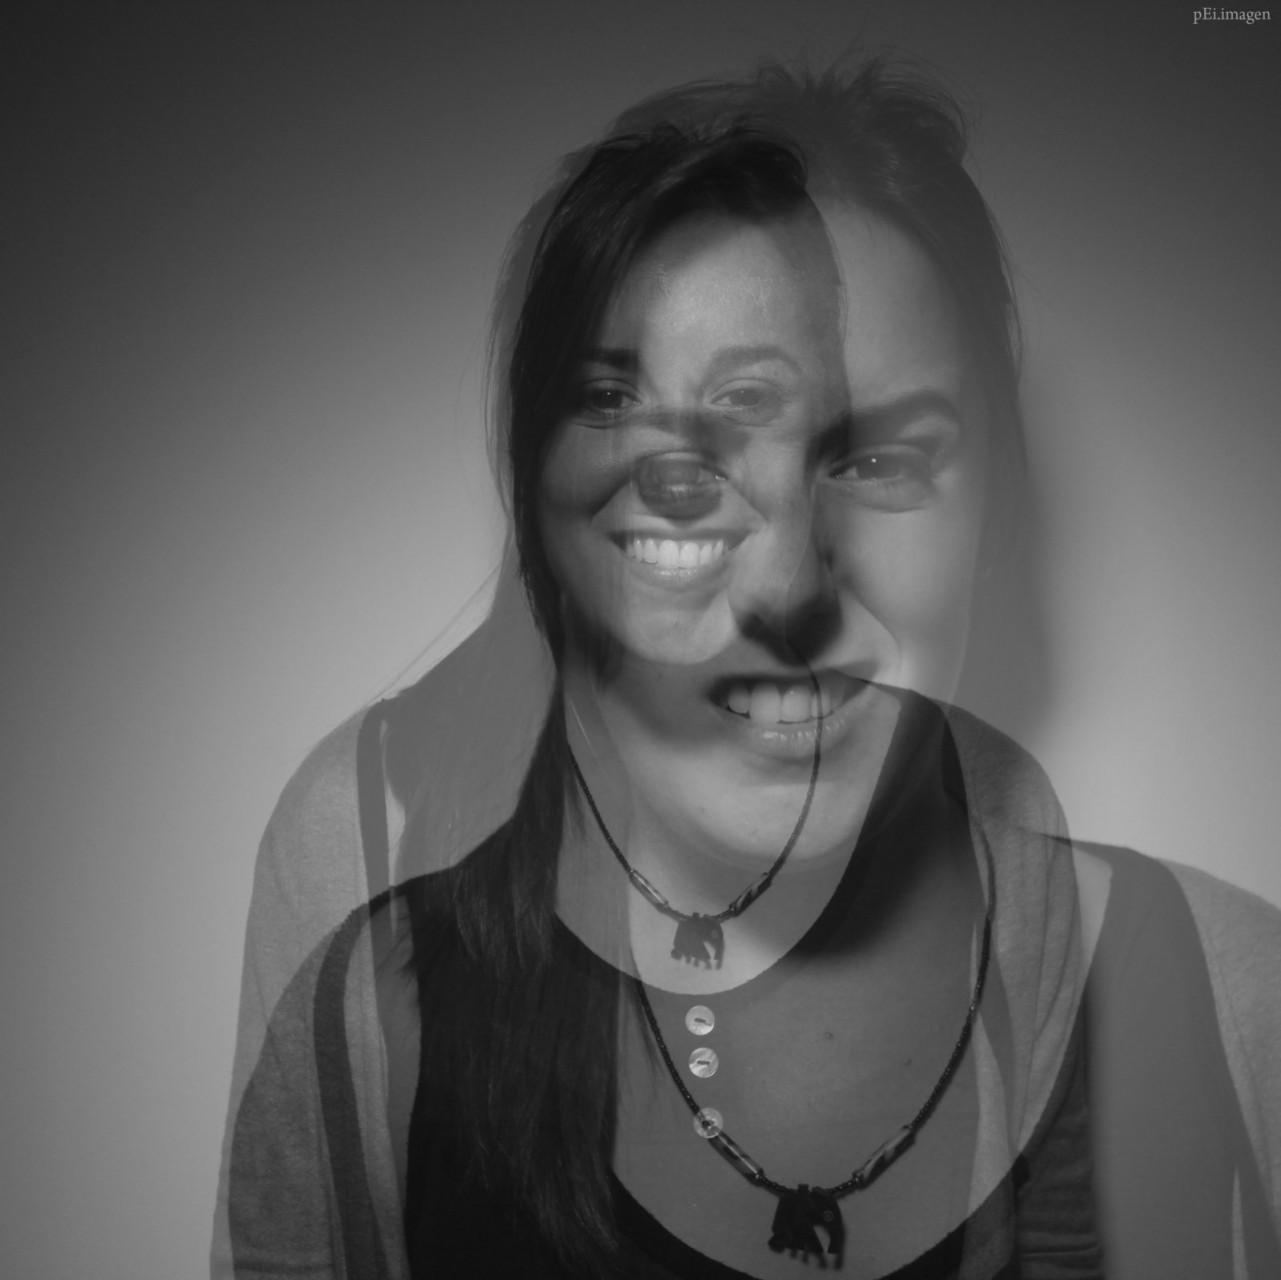 peipegata me myself I proyectos fotografia peipegatafotografia # 084 Alicia Sancho